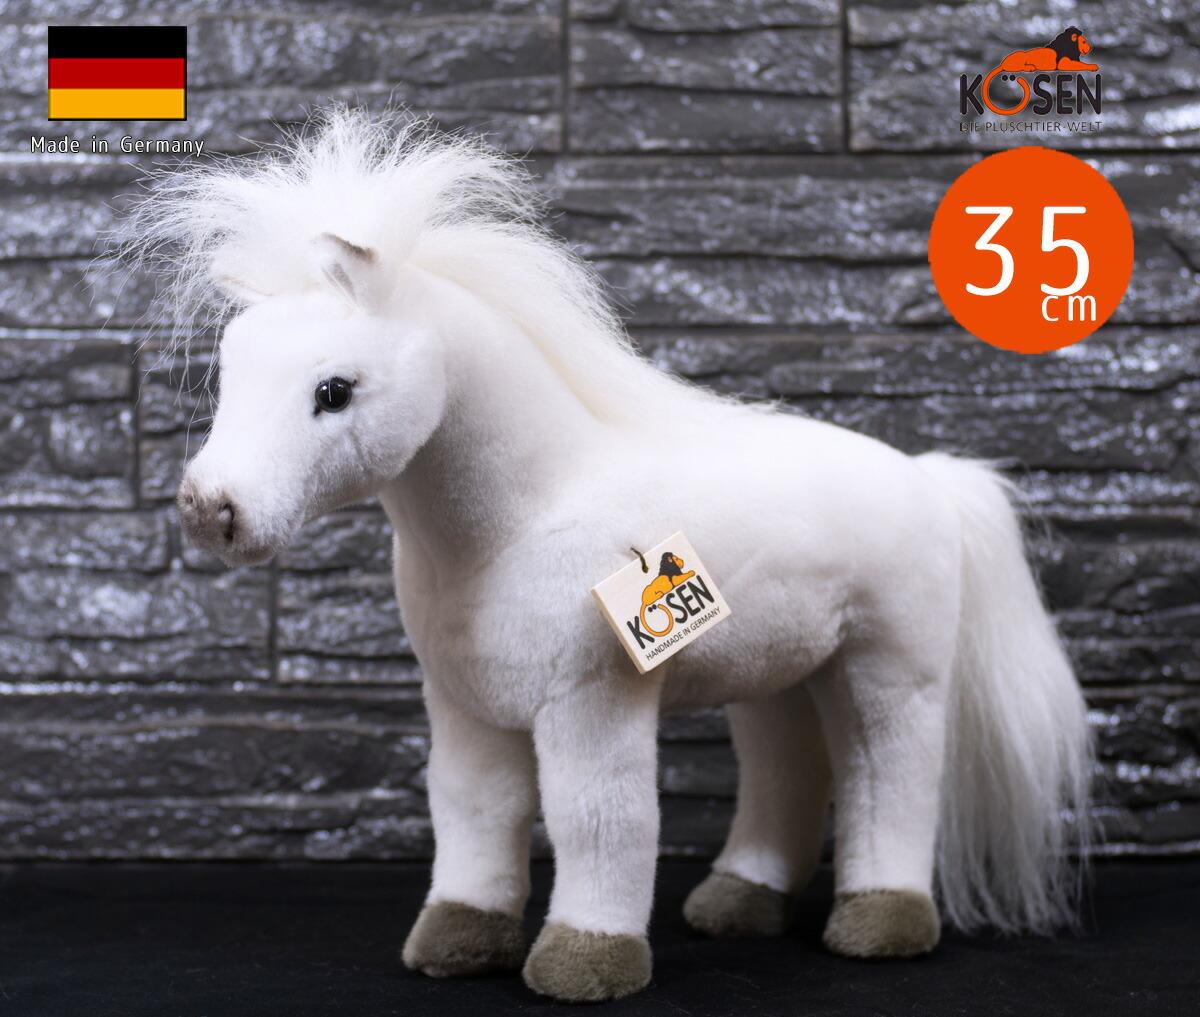 ケーセン ぬいぐるみ kosen ホワイトホース 35cm White Horse リアル 動物